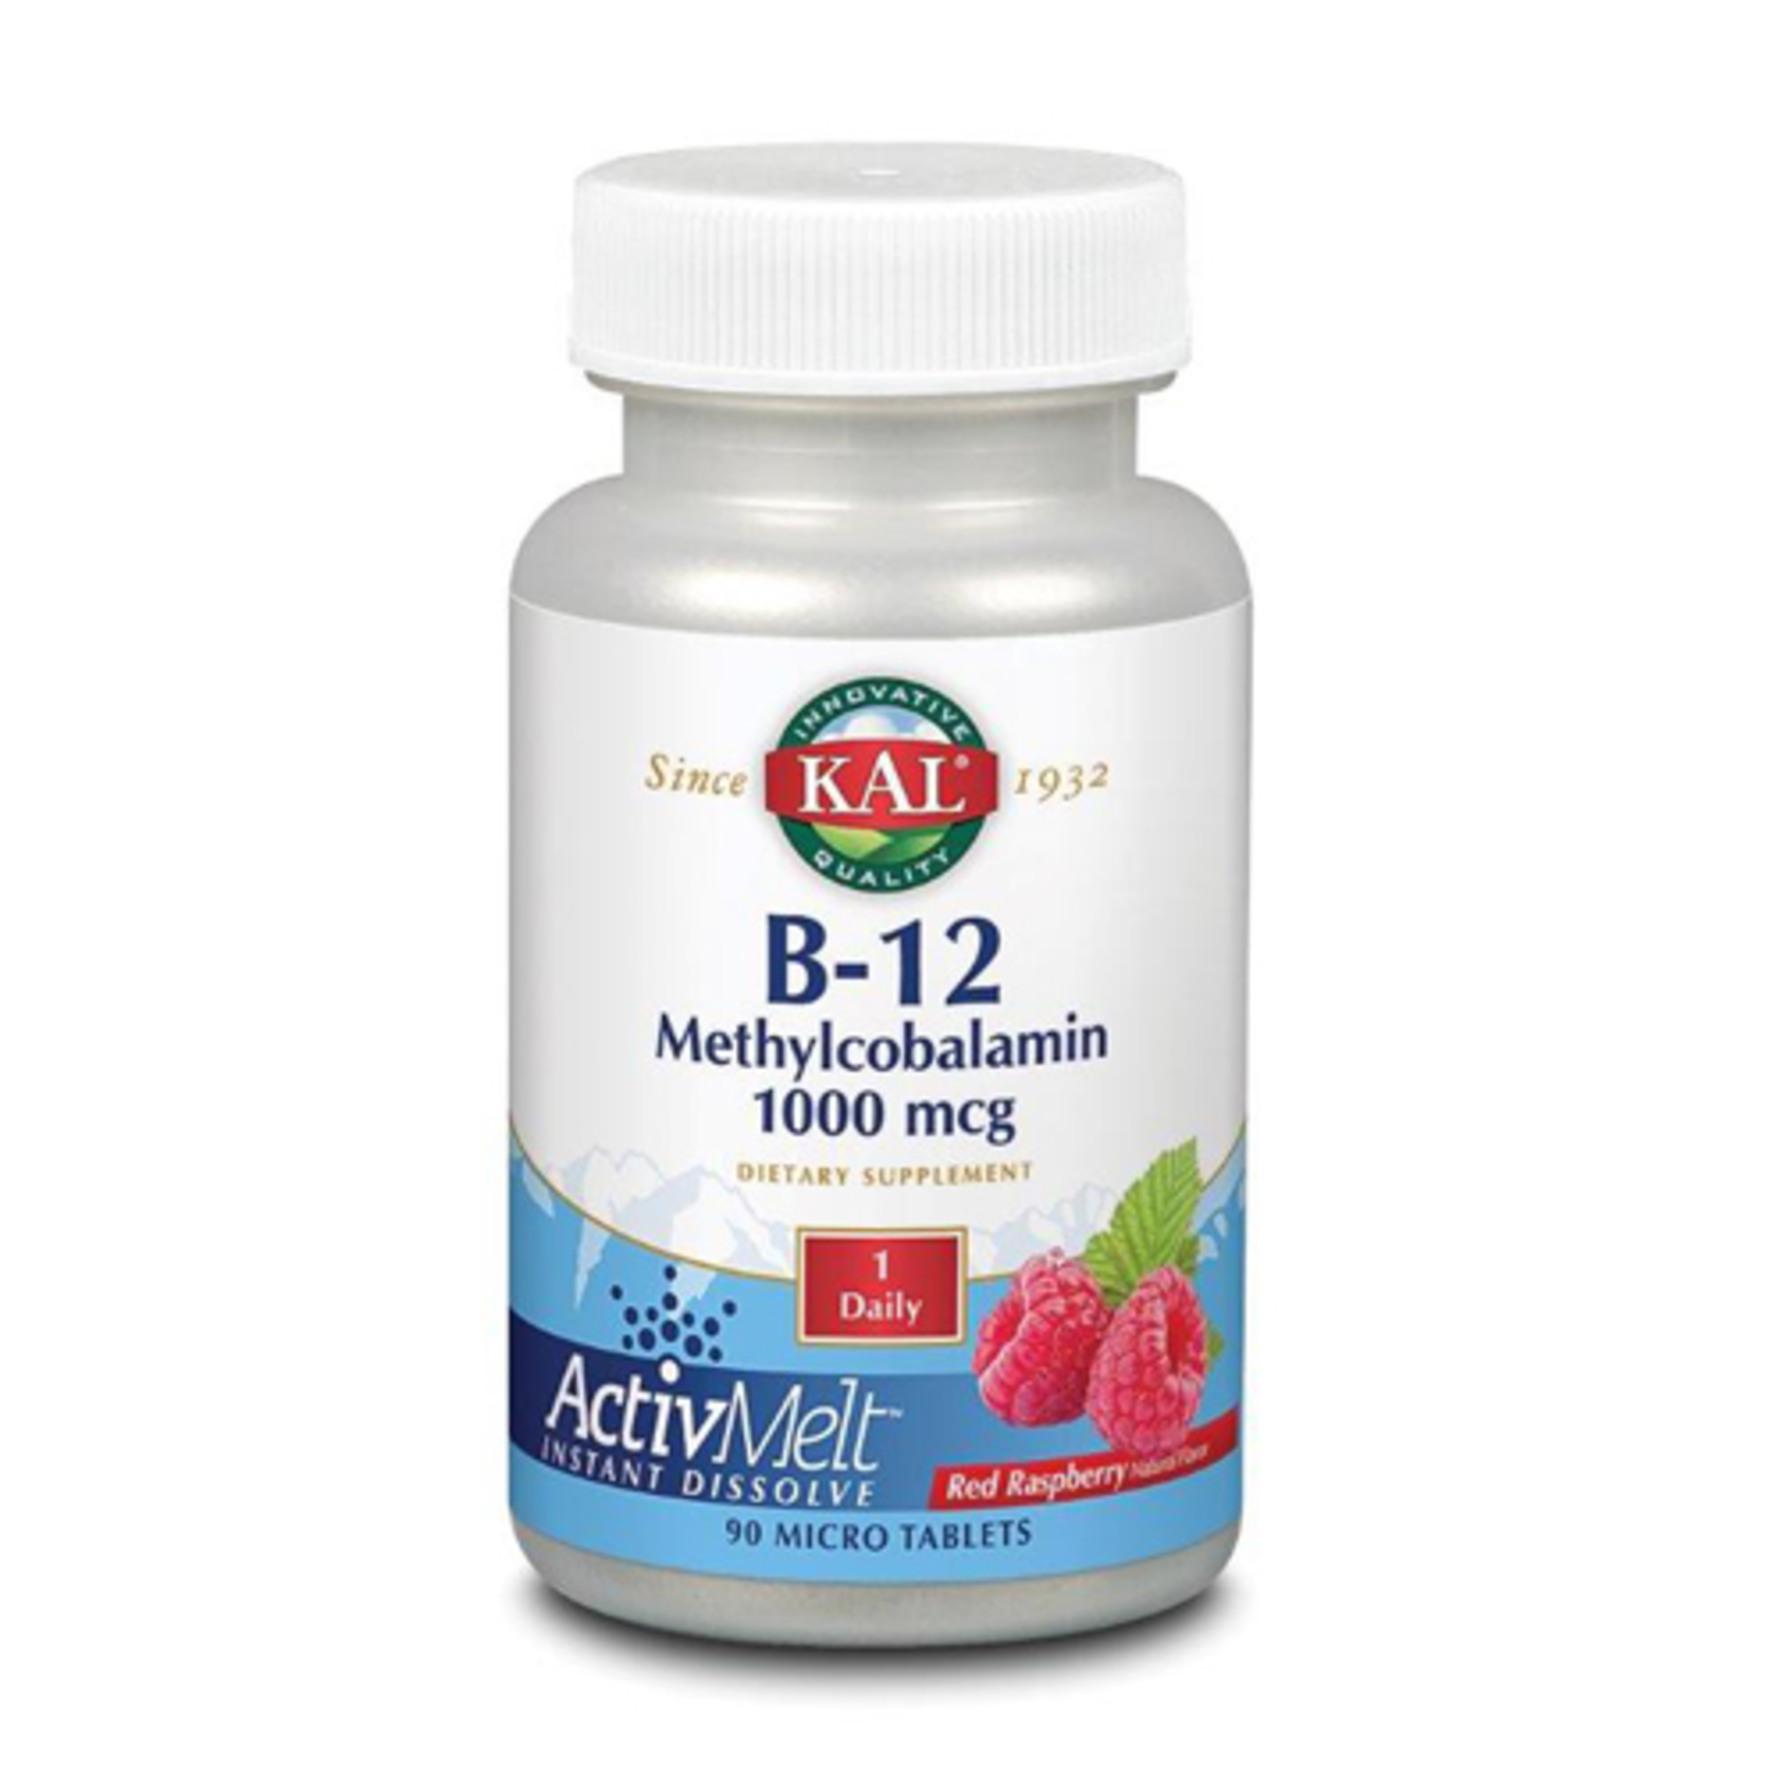 b12 vitaminpiller